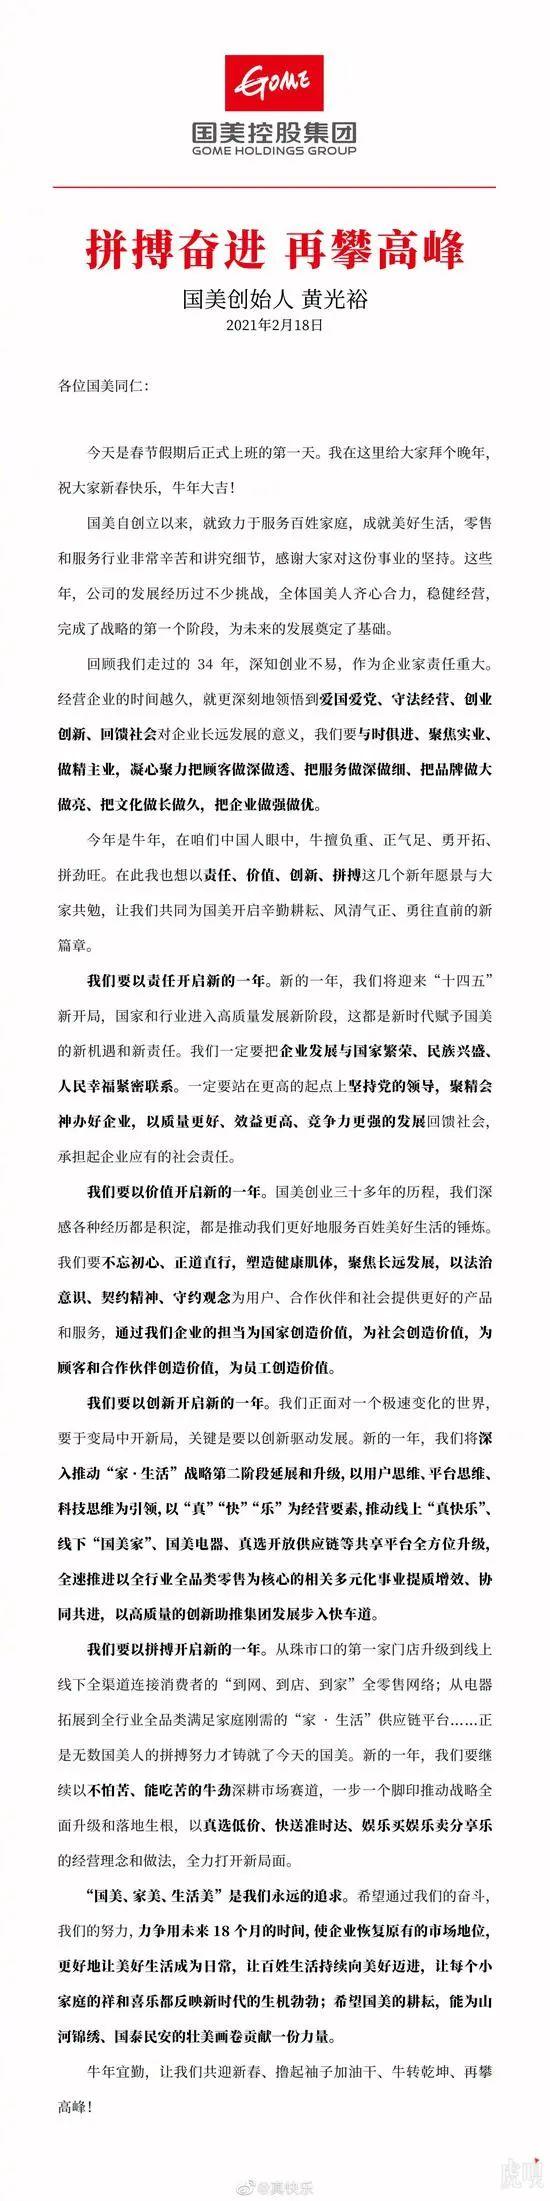 因涉刑事犯罪,中国有赞董事长关贵森已辞职;抖音因存在大量低俗表演等问题被罚